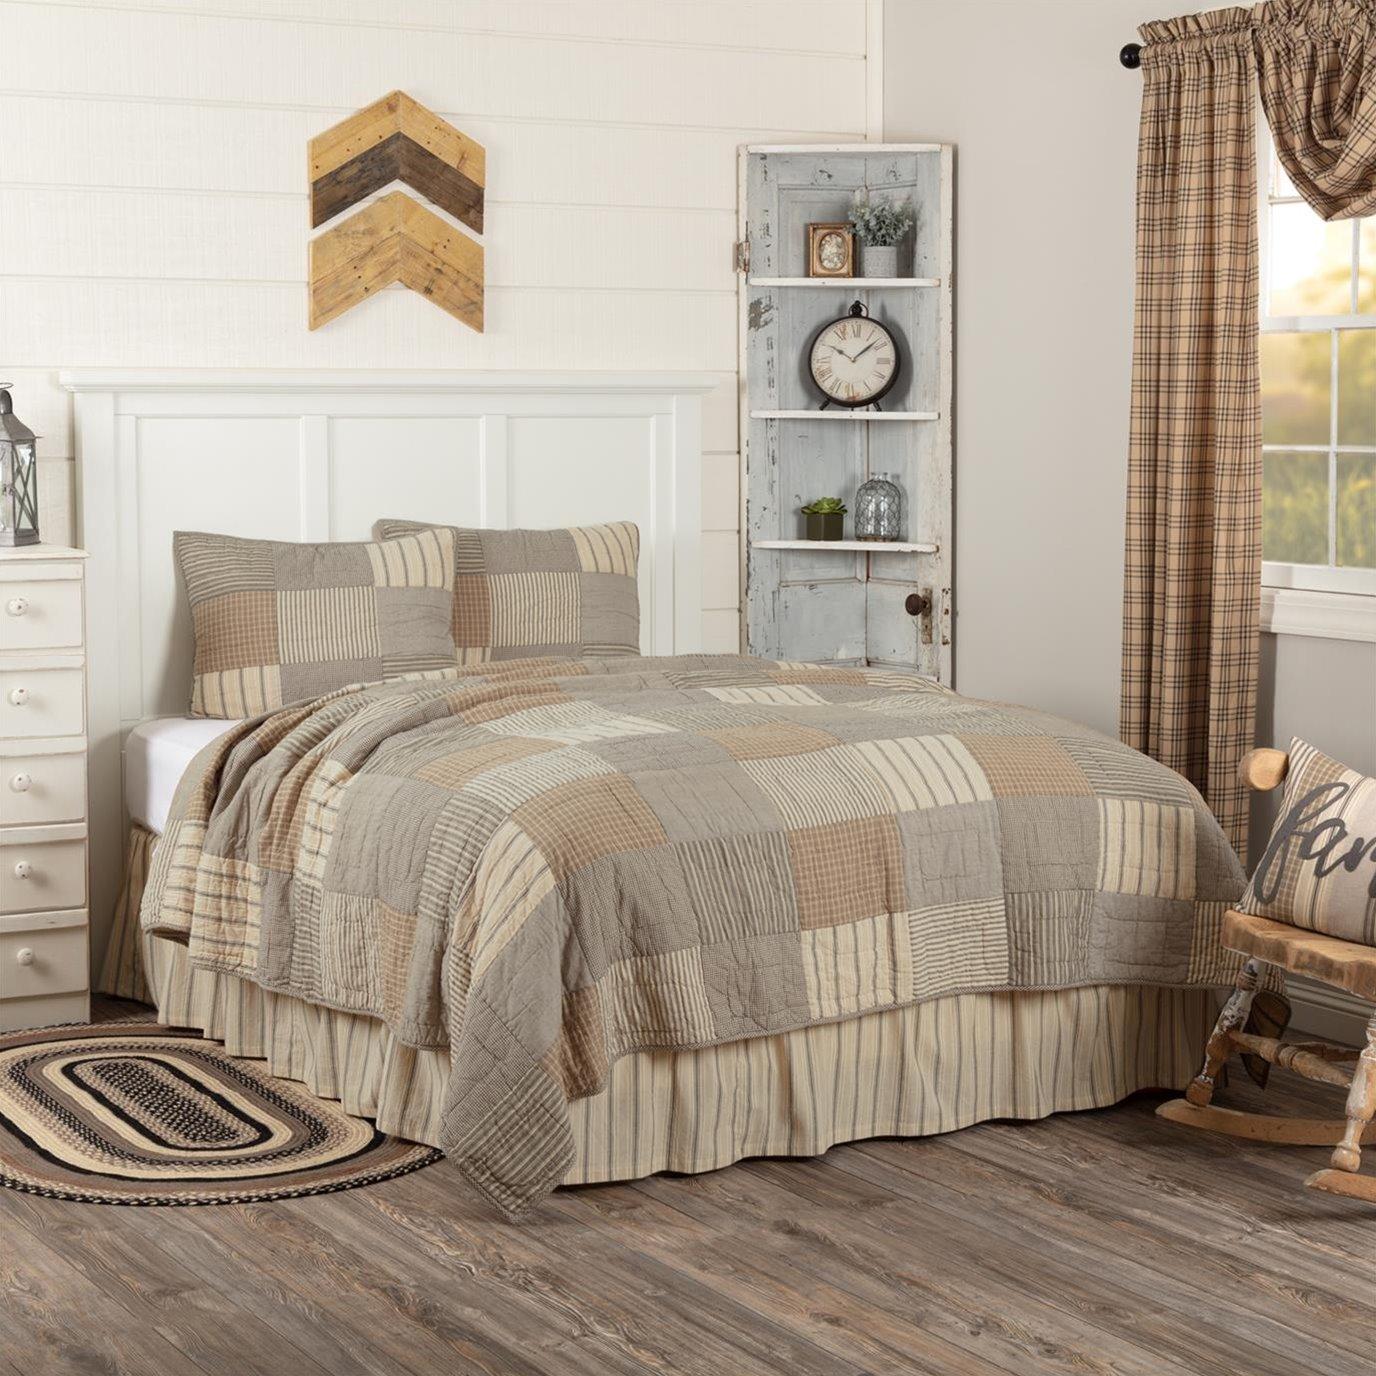 Sawyer Mill Charcoal Twin Quilt Set; 1-Quilt 68Wx86L w/1 Sham 21x27